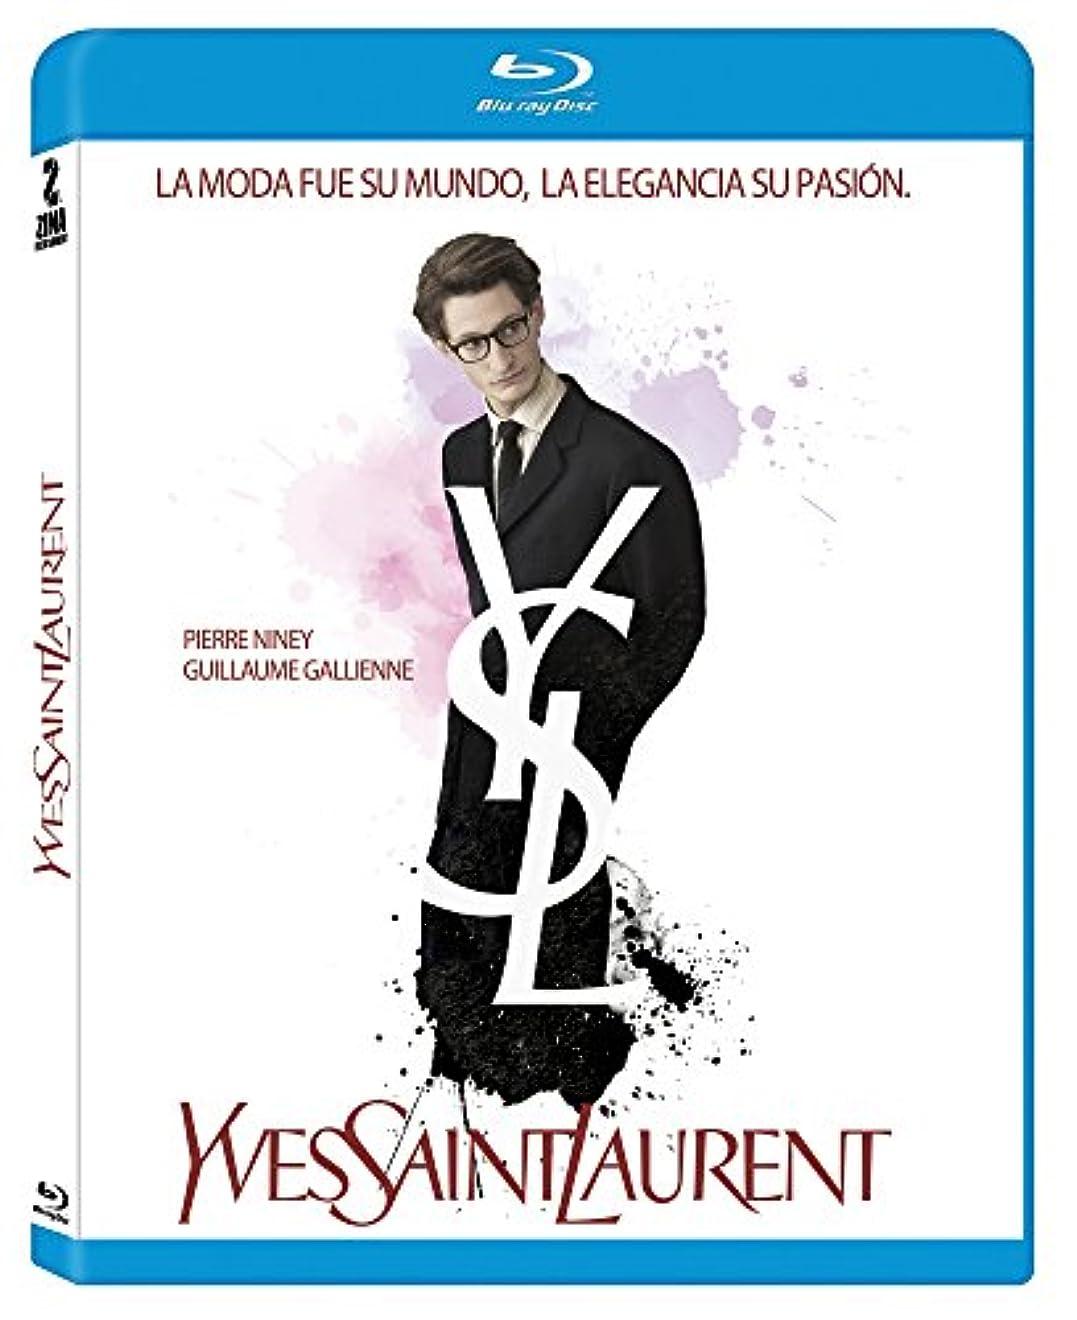 イディオム放つ章Yves Saint Laurent Movie Blu Ray (Multiregion) (French Audio with Spanish Subtitles / No English Options)